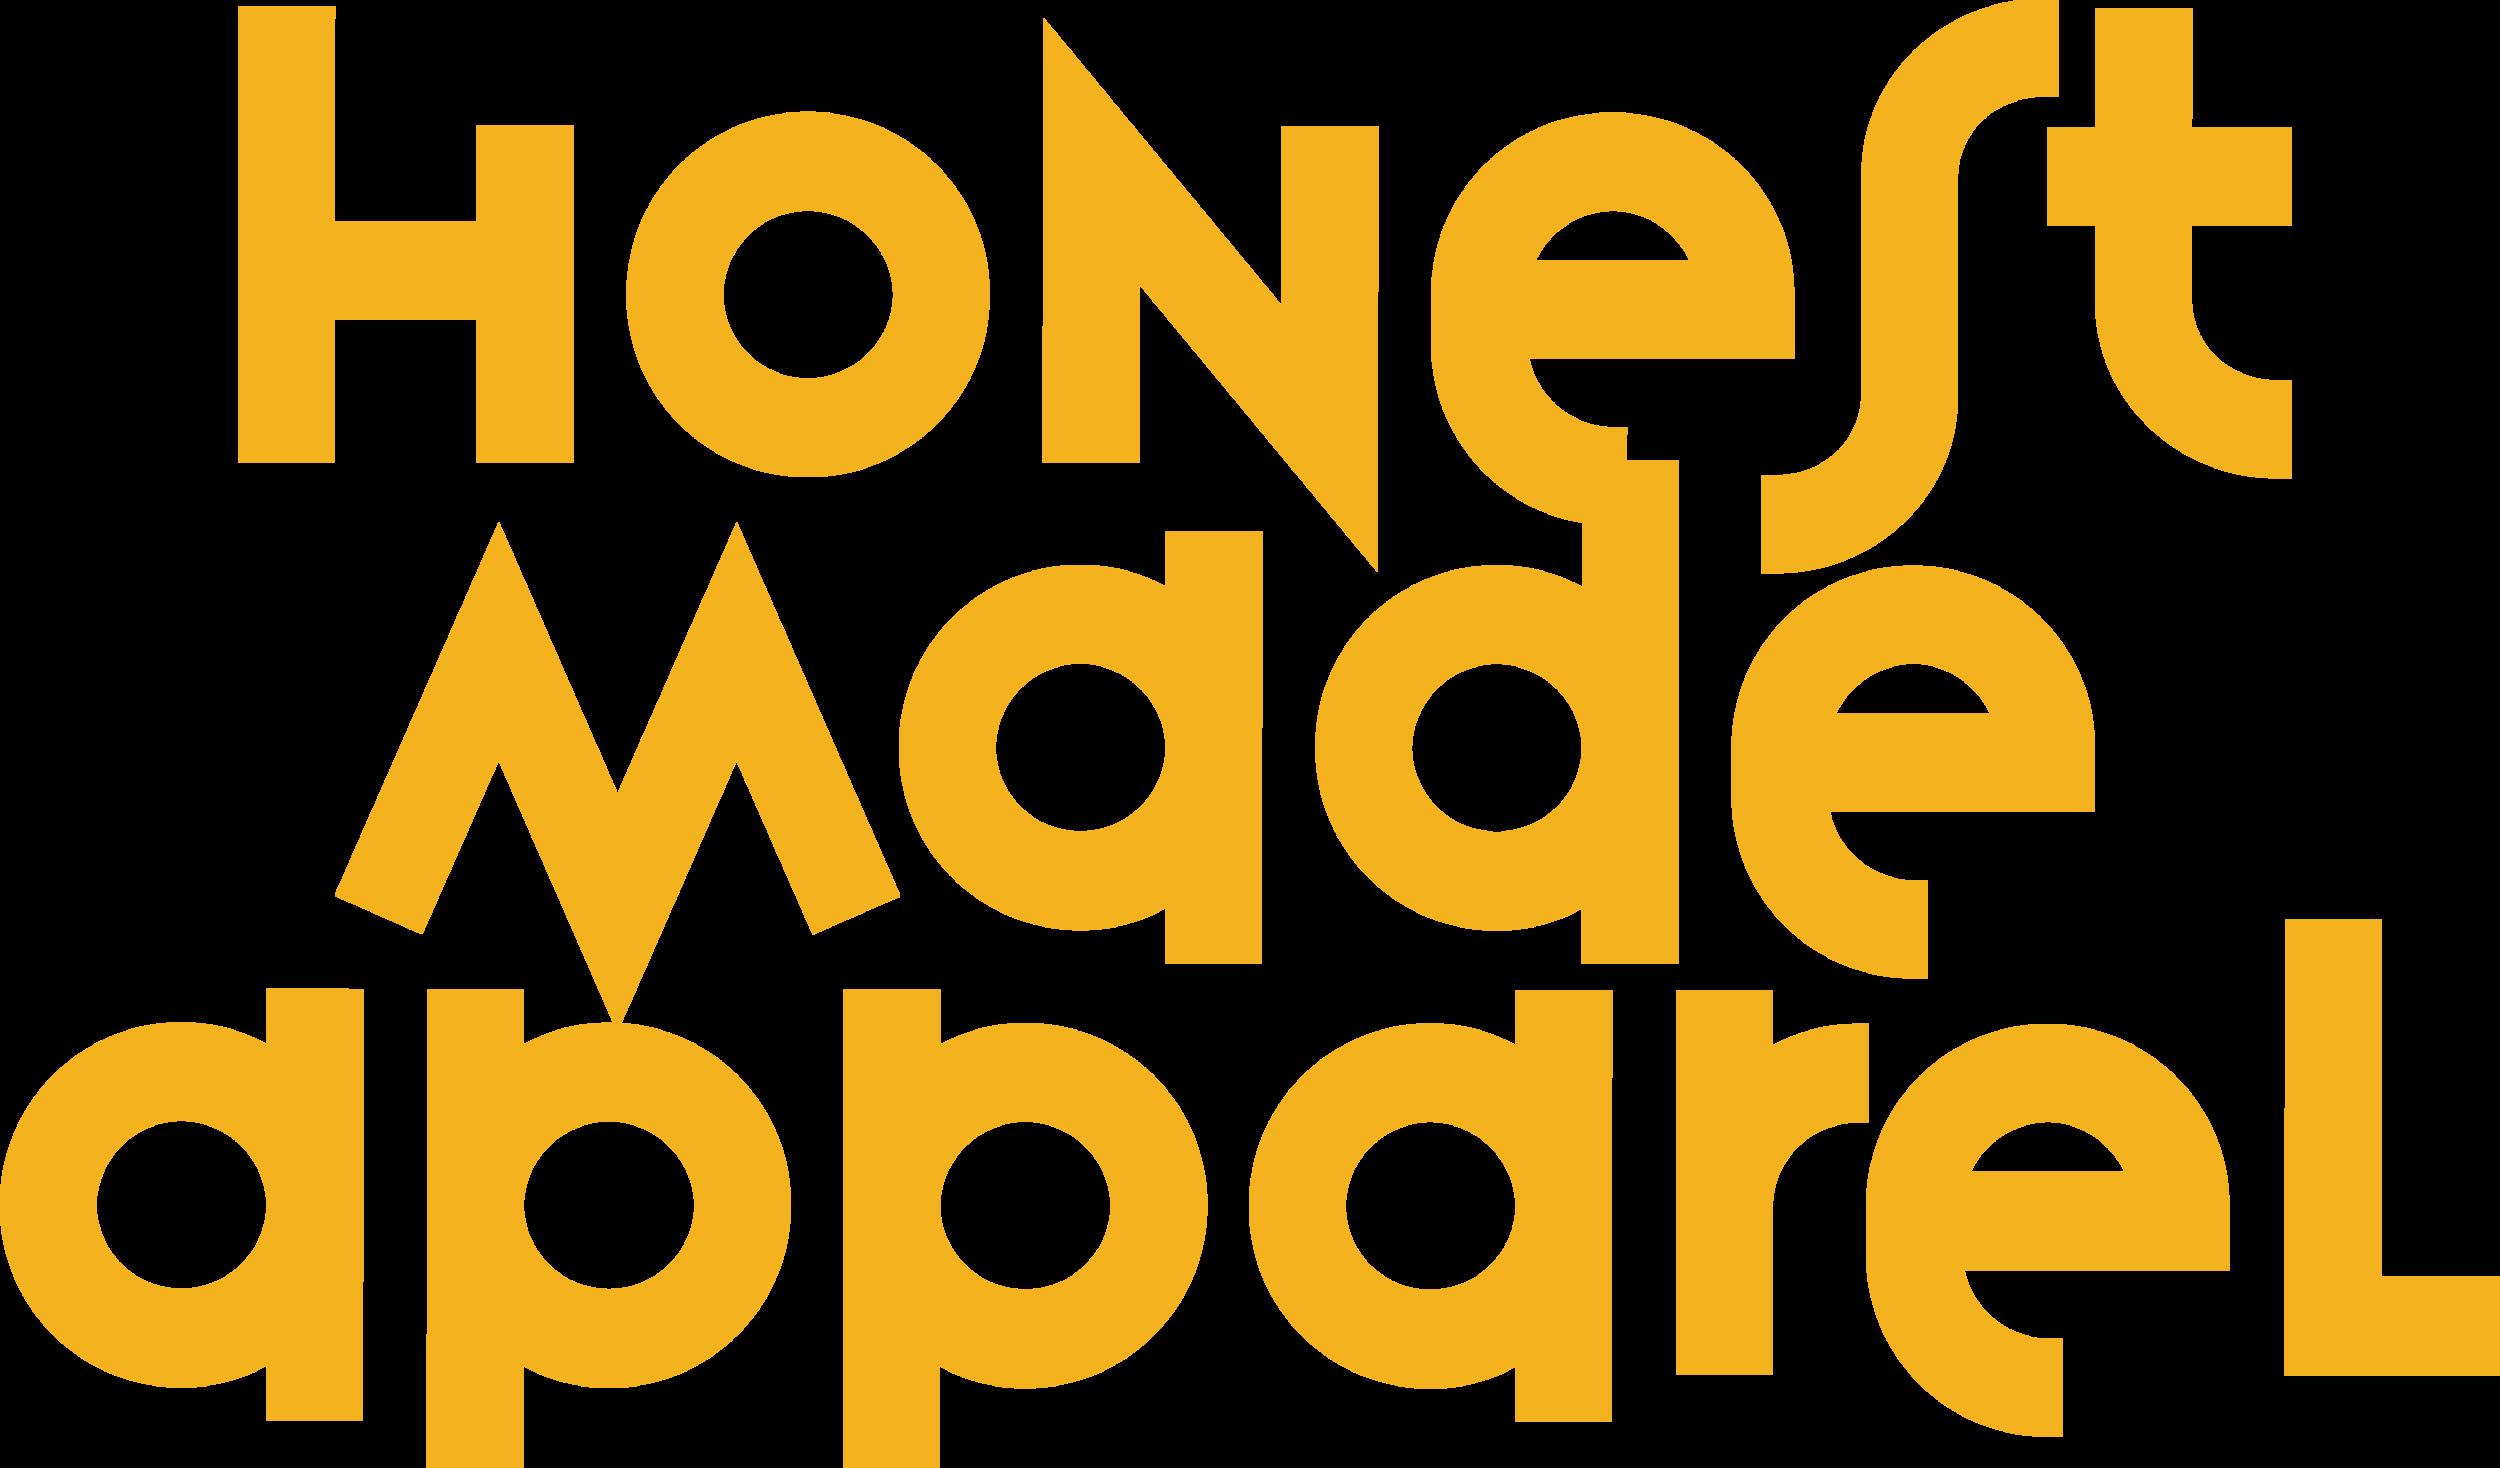 honestmade-1@4x.png